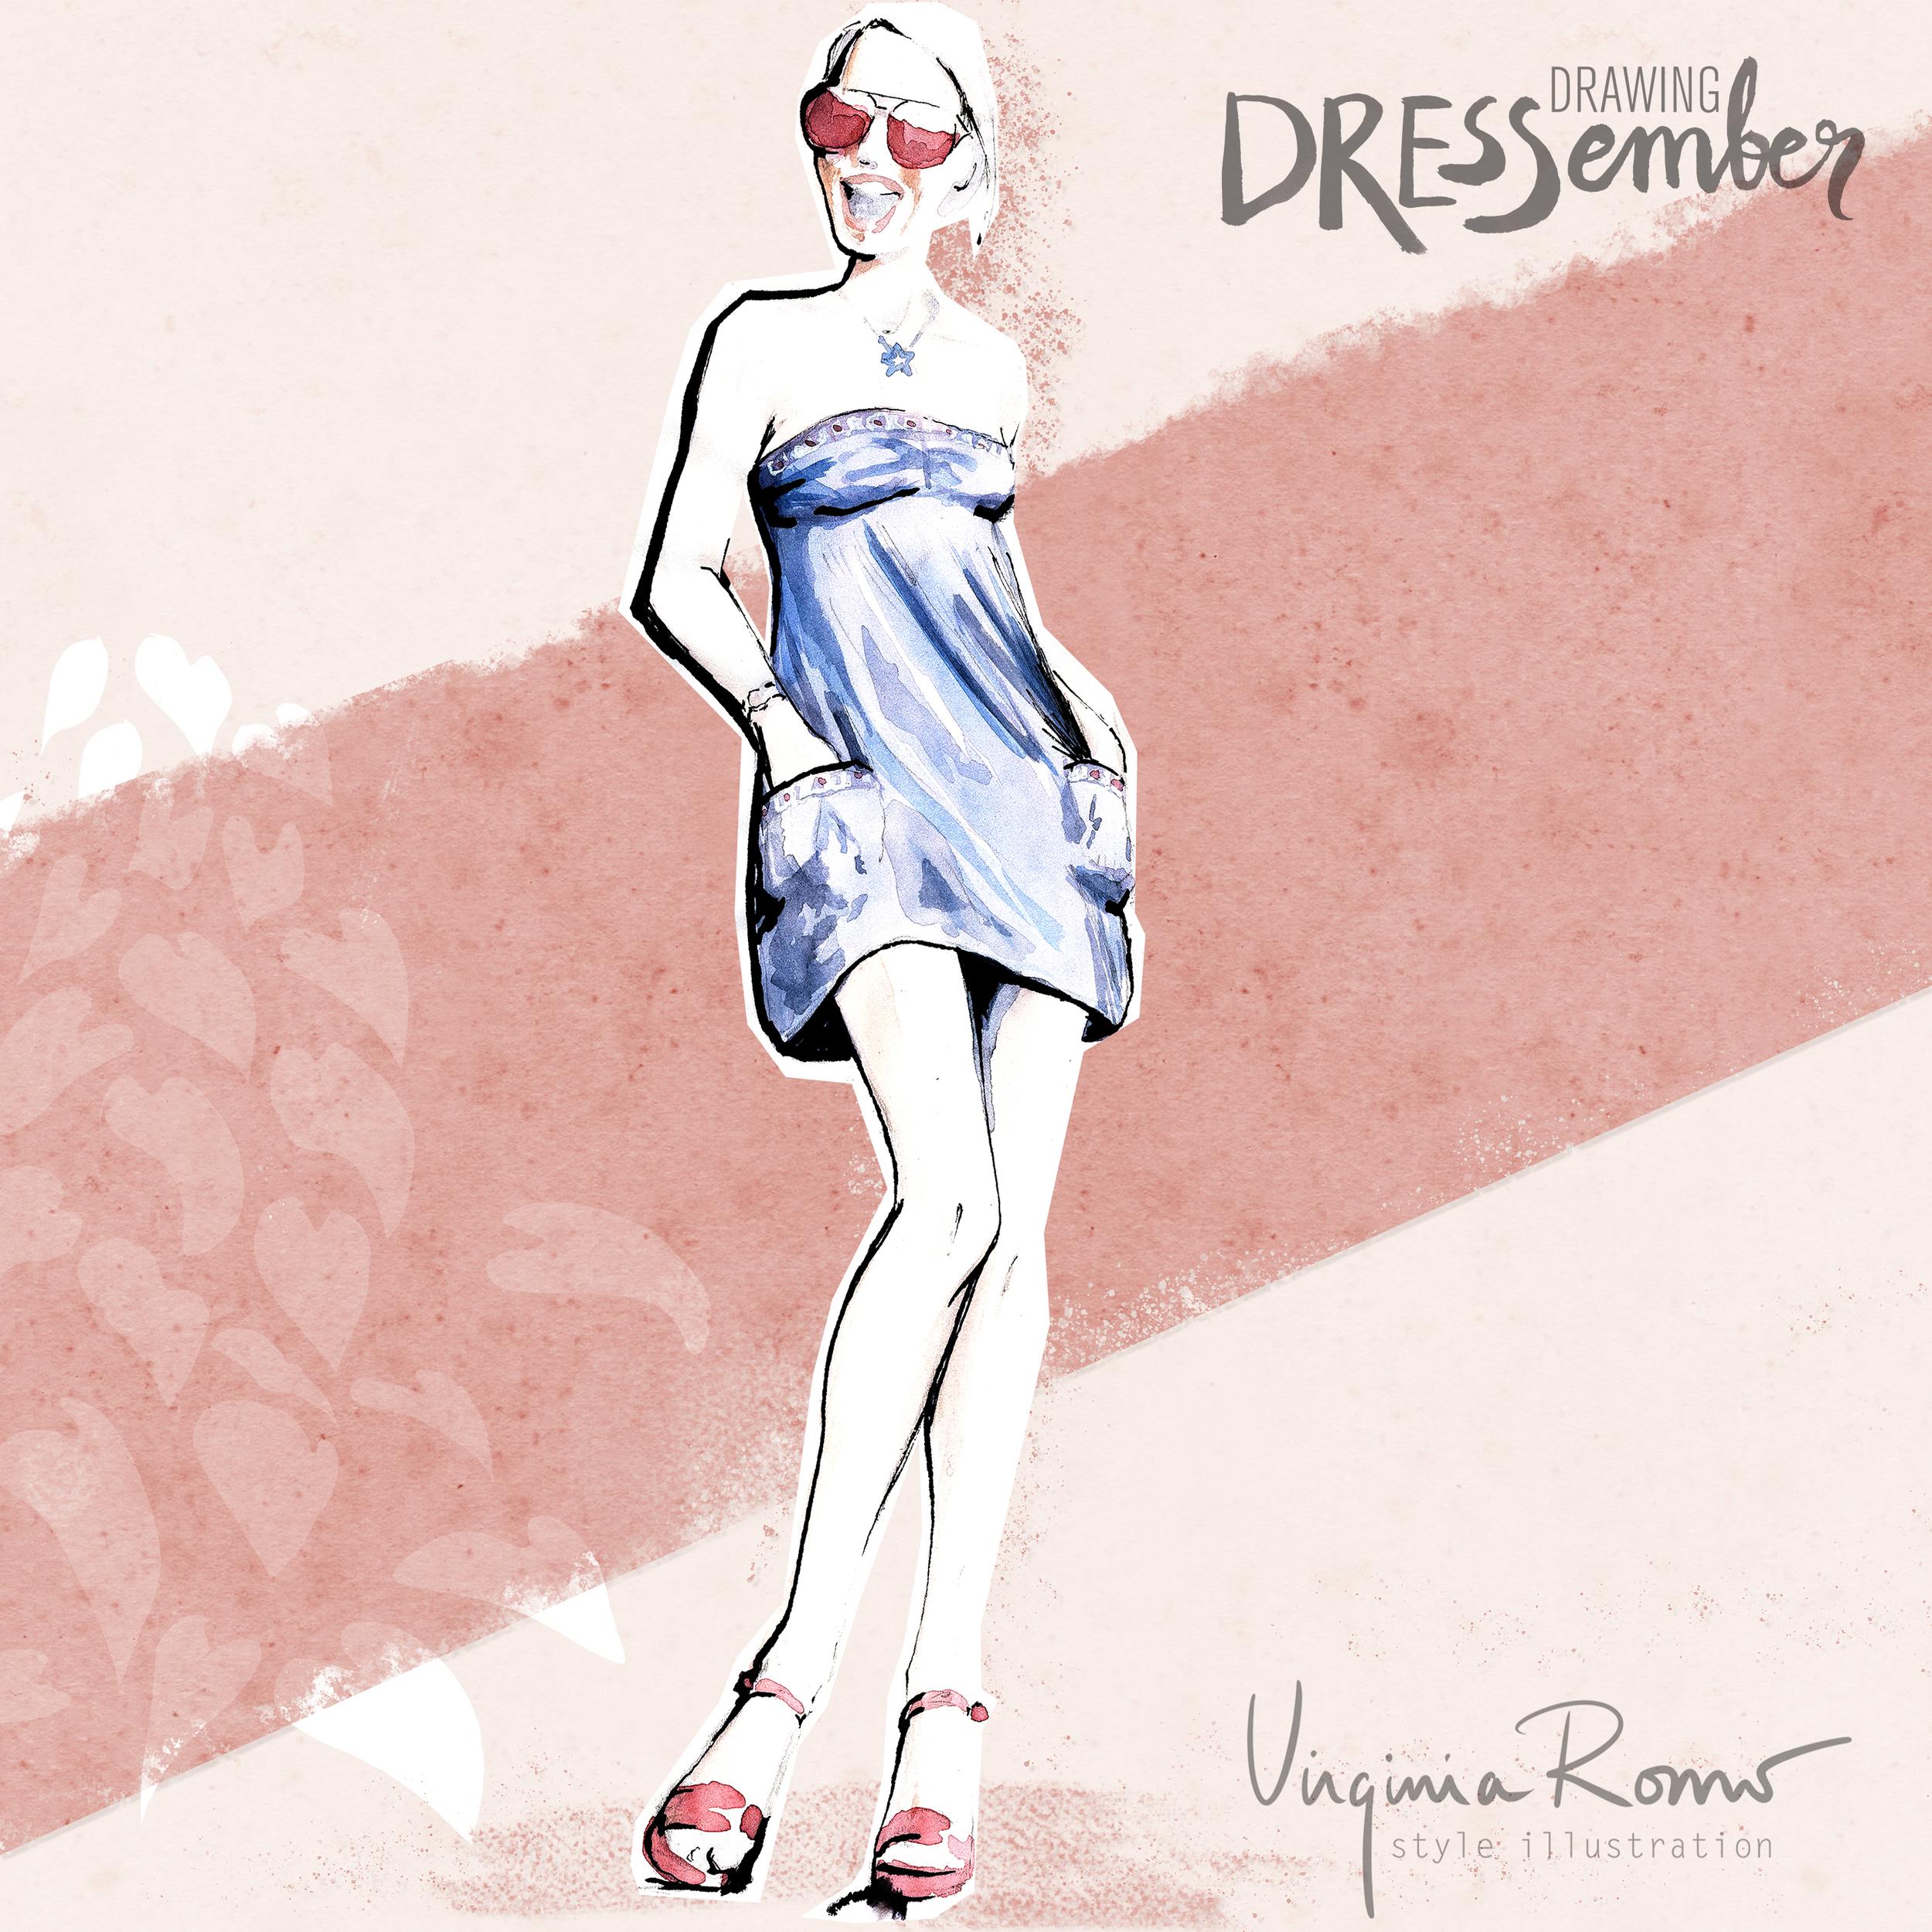 dressember-VirginiaRomoIllustration-08-Camilla-IG.jpg